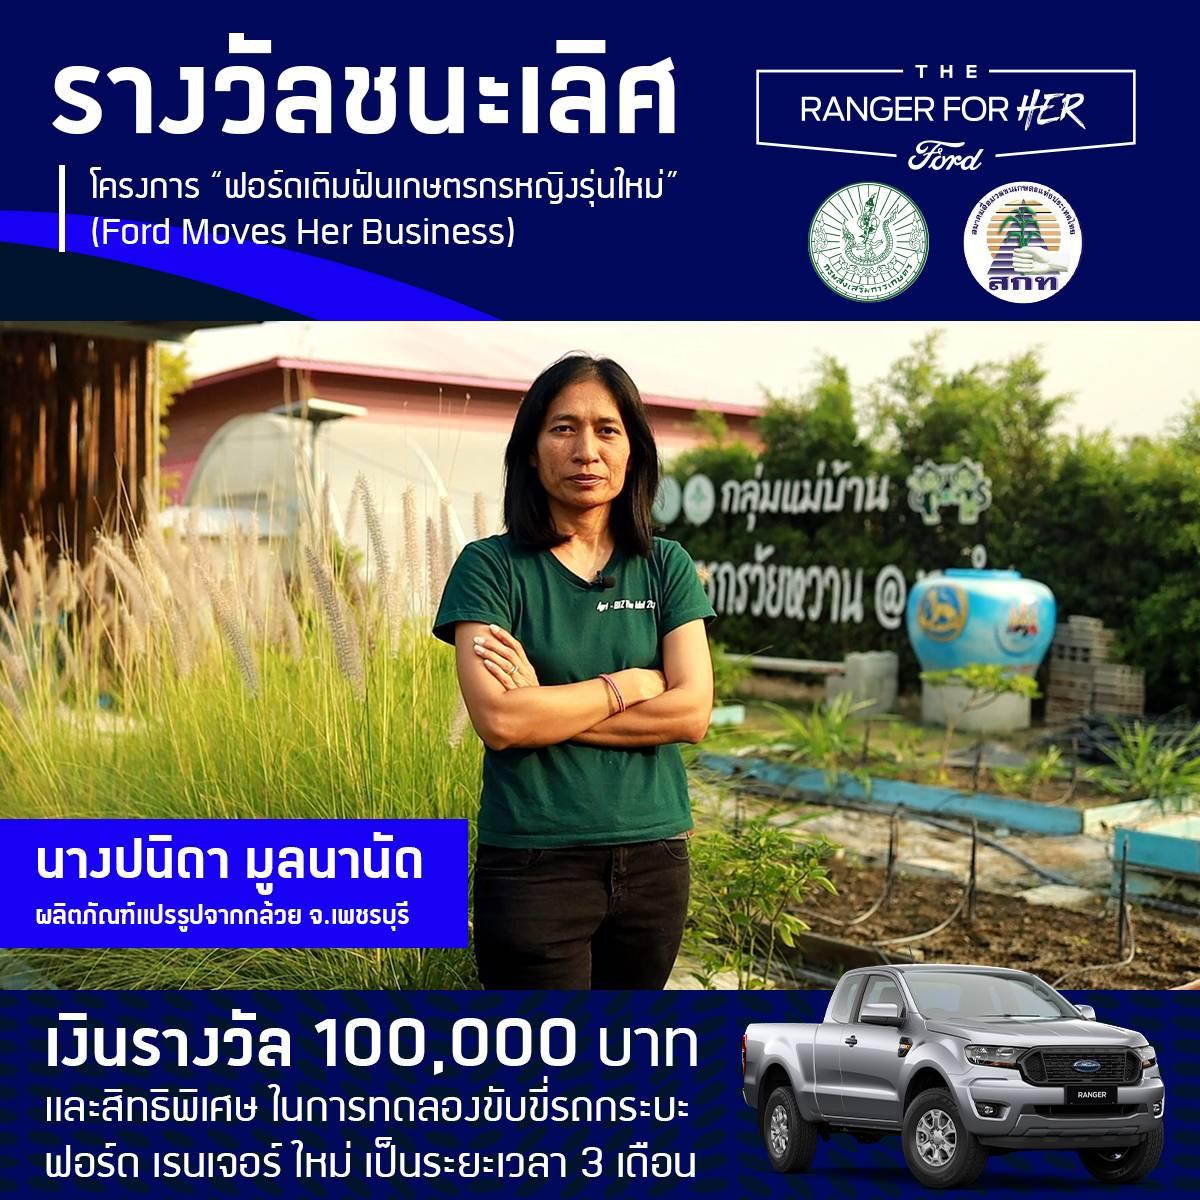 """ฟอร์ดมอบทุนกว่า 200,000 ต่อยอดธุรกิจเกษตรกรสาวคนแกร่ง ผู้ชนะโครงการ """"ฟอร์ดเติมฝันเกษตรกรหญิงรุ่นใหม่"""""""